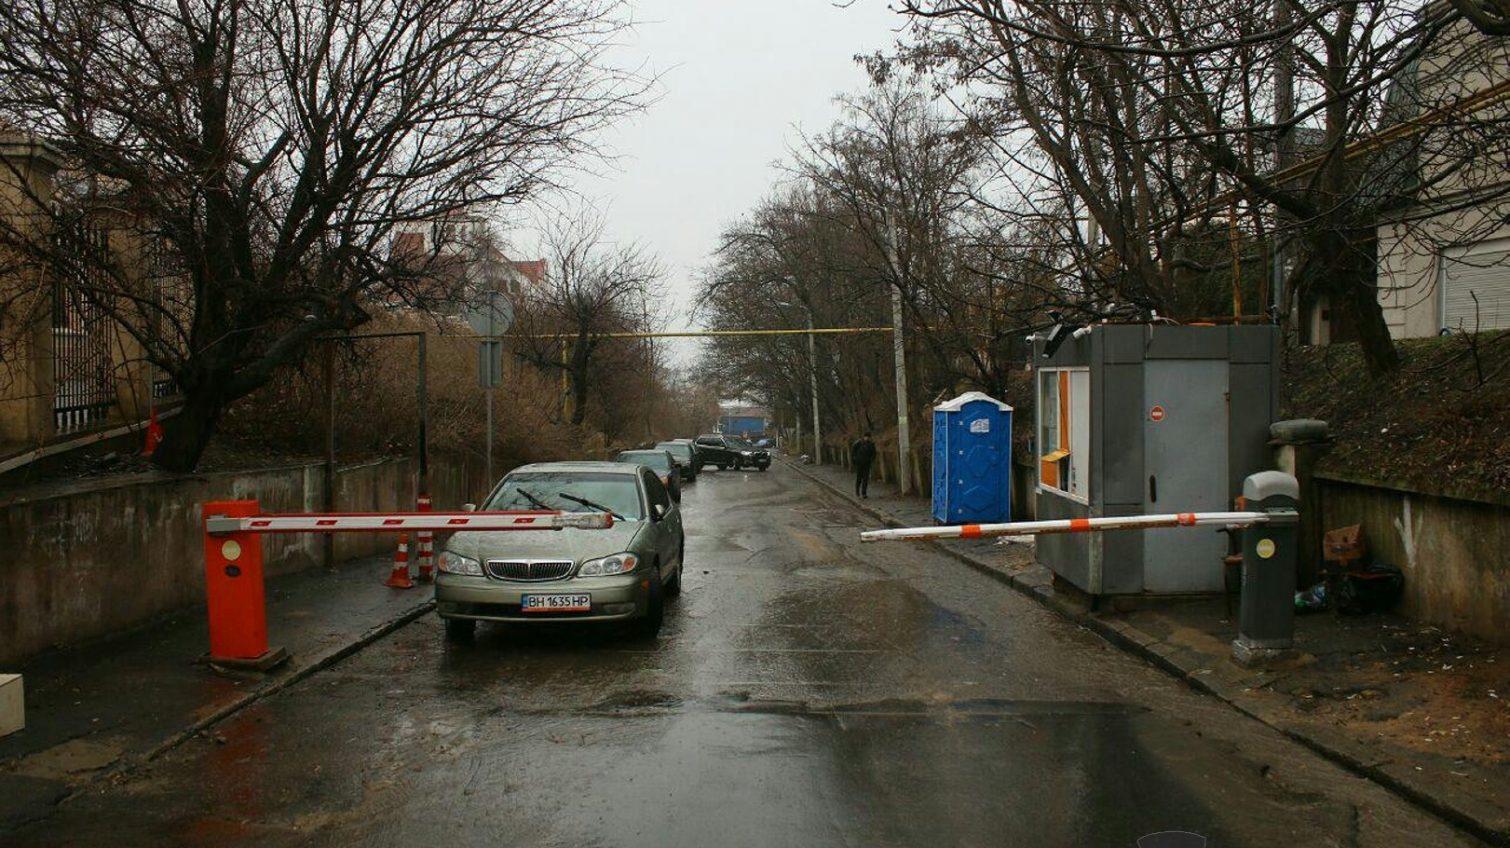 Скандальный шлагбаум в Аркадии: суд отклонил апелляцию одесского активиста «фото»